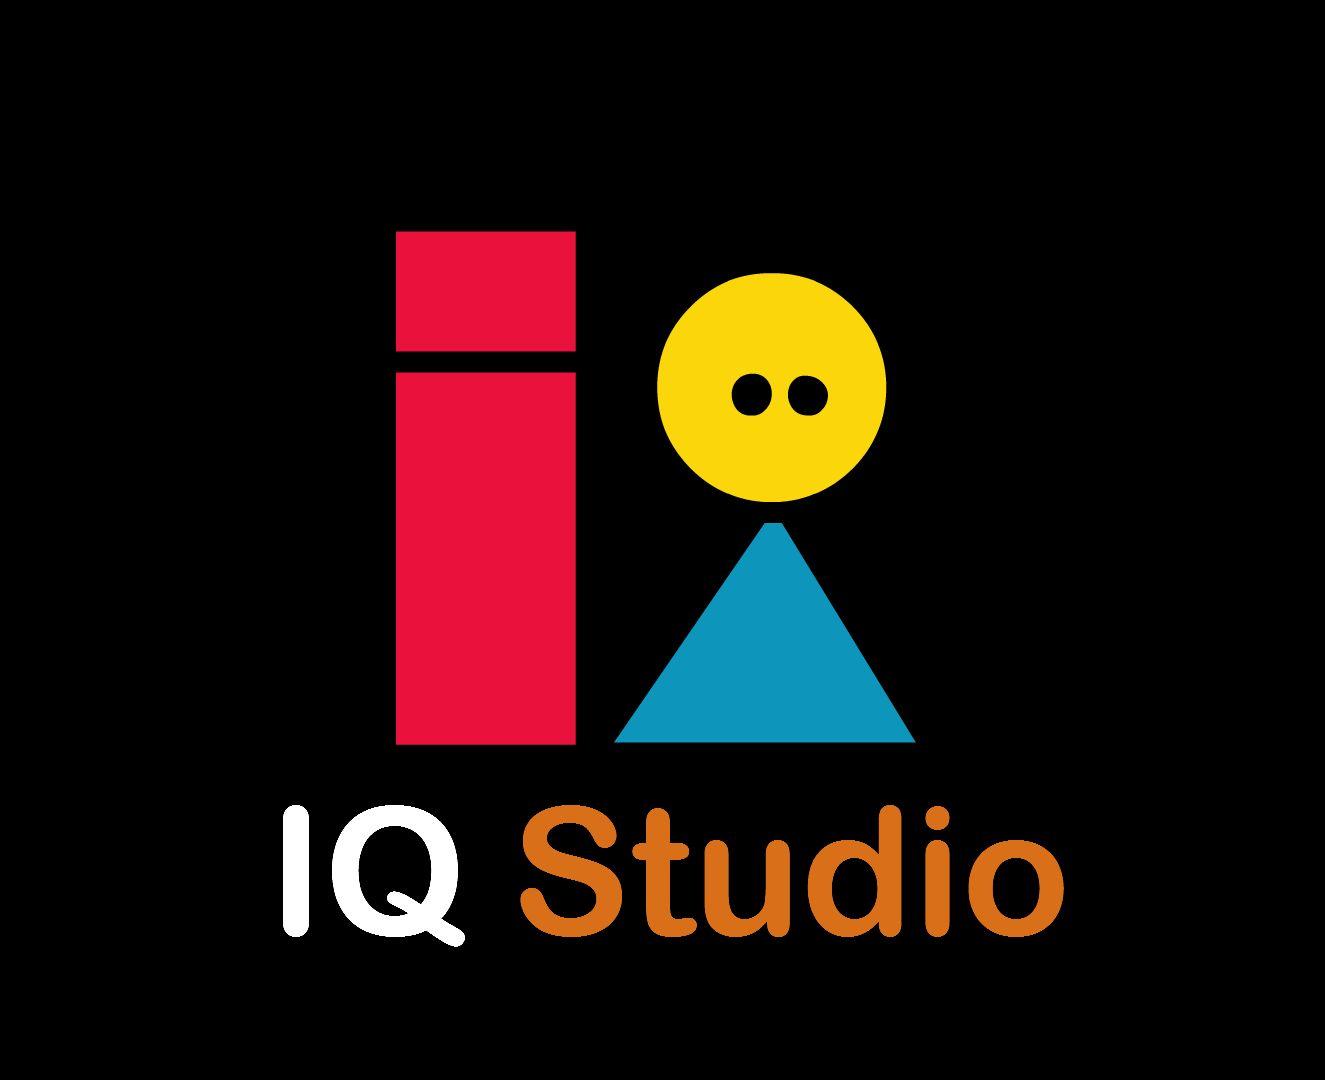 Logo of my studio